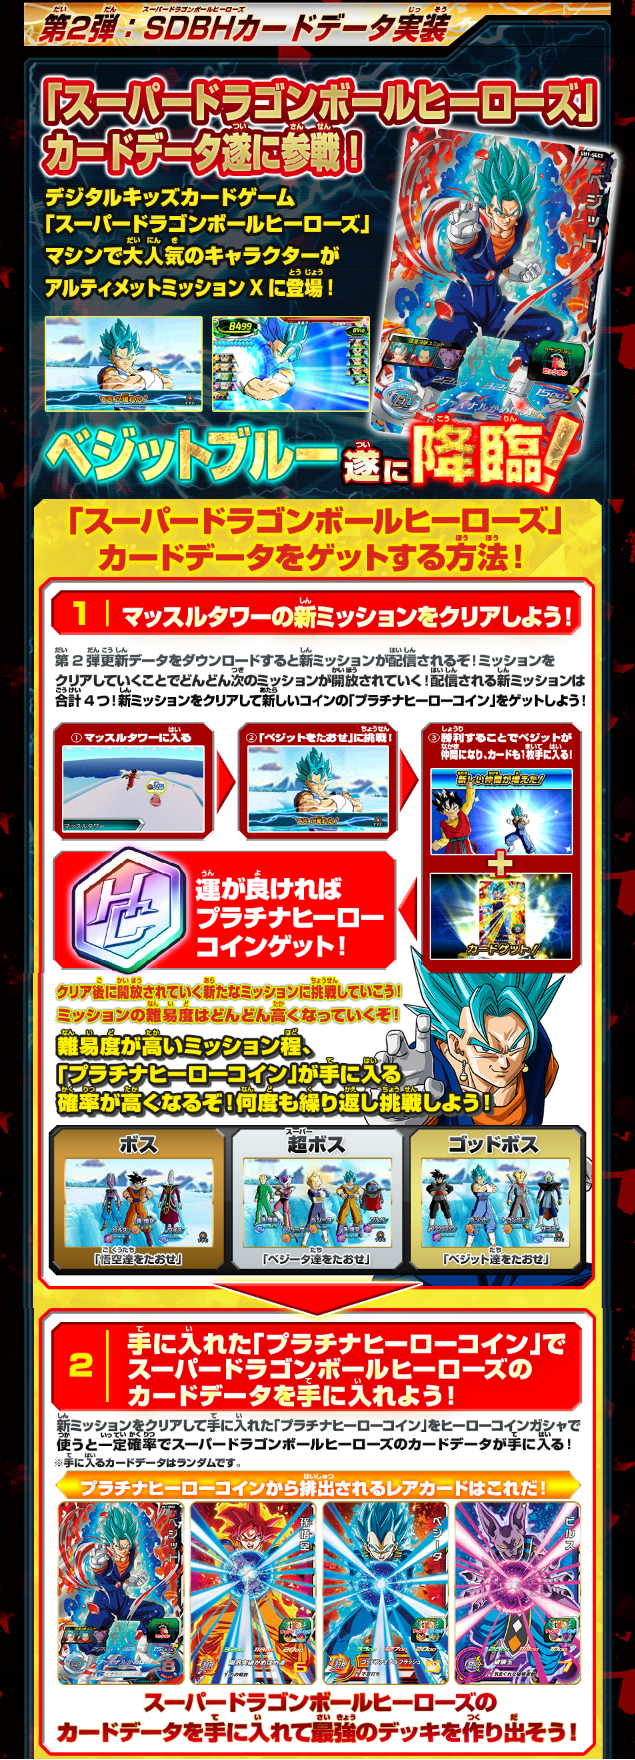 ミッション アルティメット ドラゴンボール x ヒーローズ